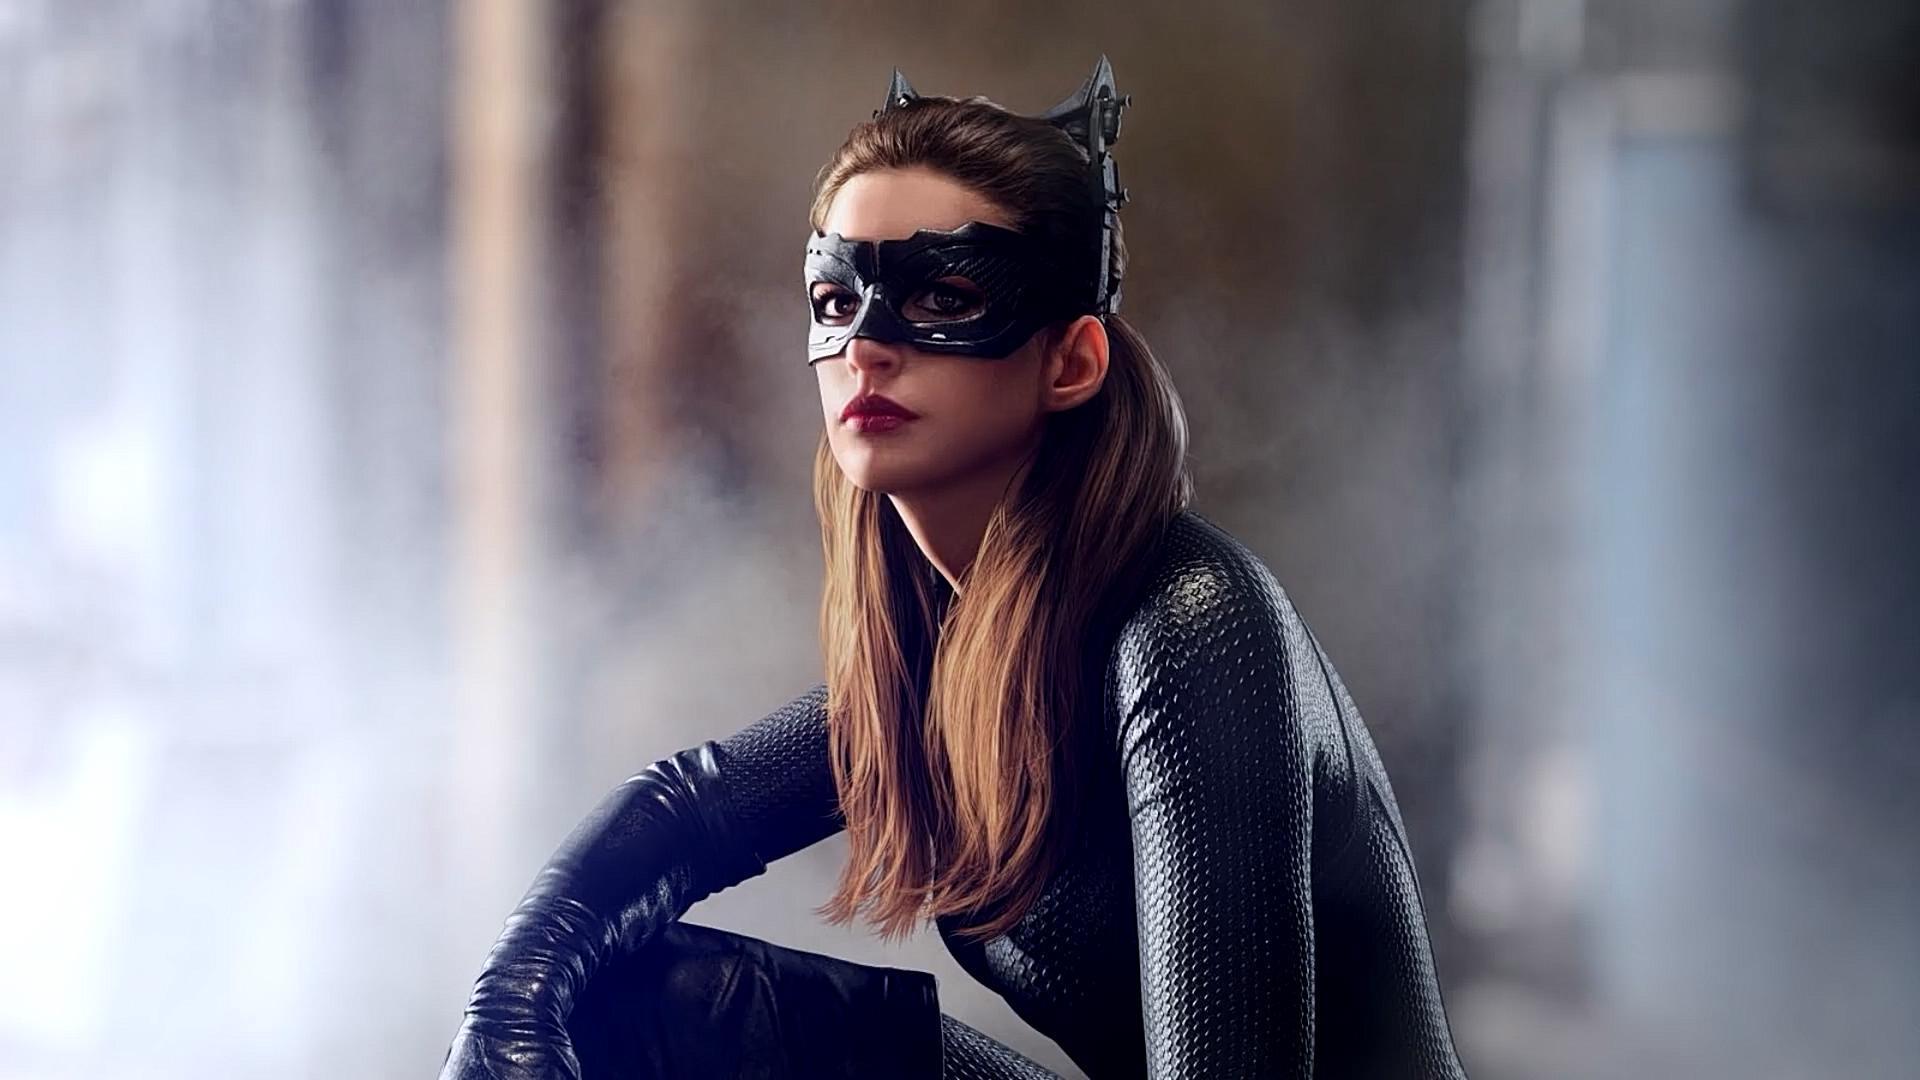 """#经典看电影#回忆安妮·海瑟薇版""""猫女""""在《蝙蝠侠:黑暗骑士崛起》的动作戏"""